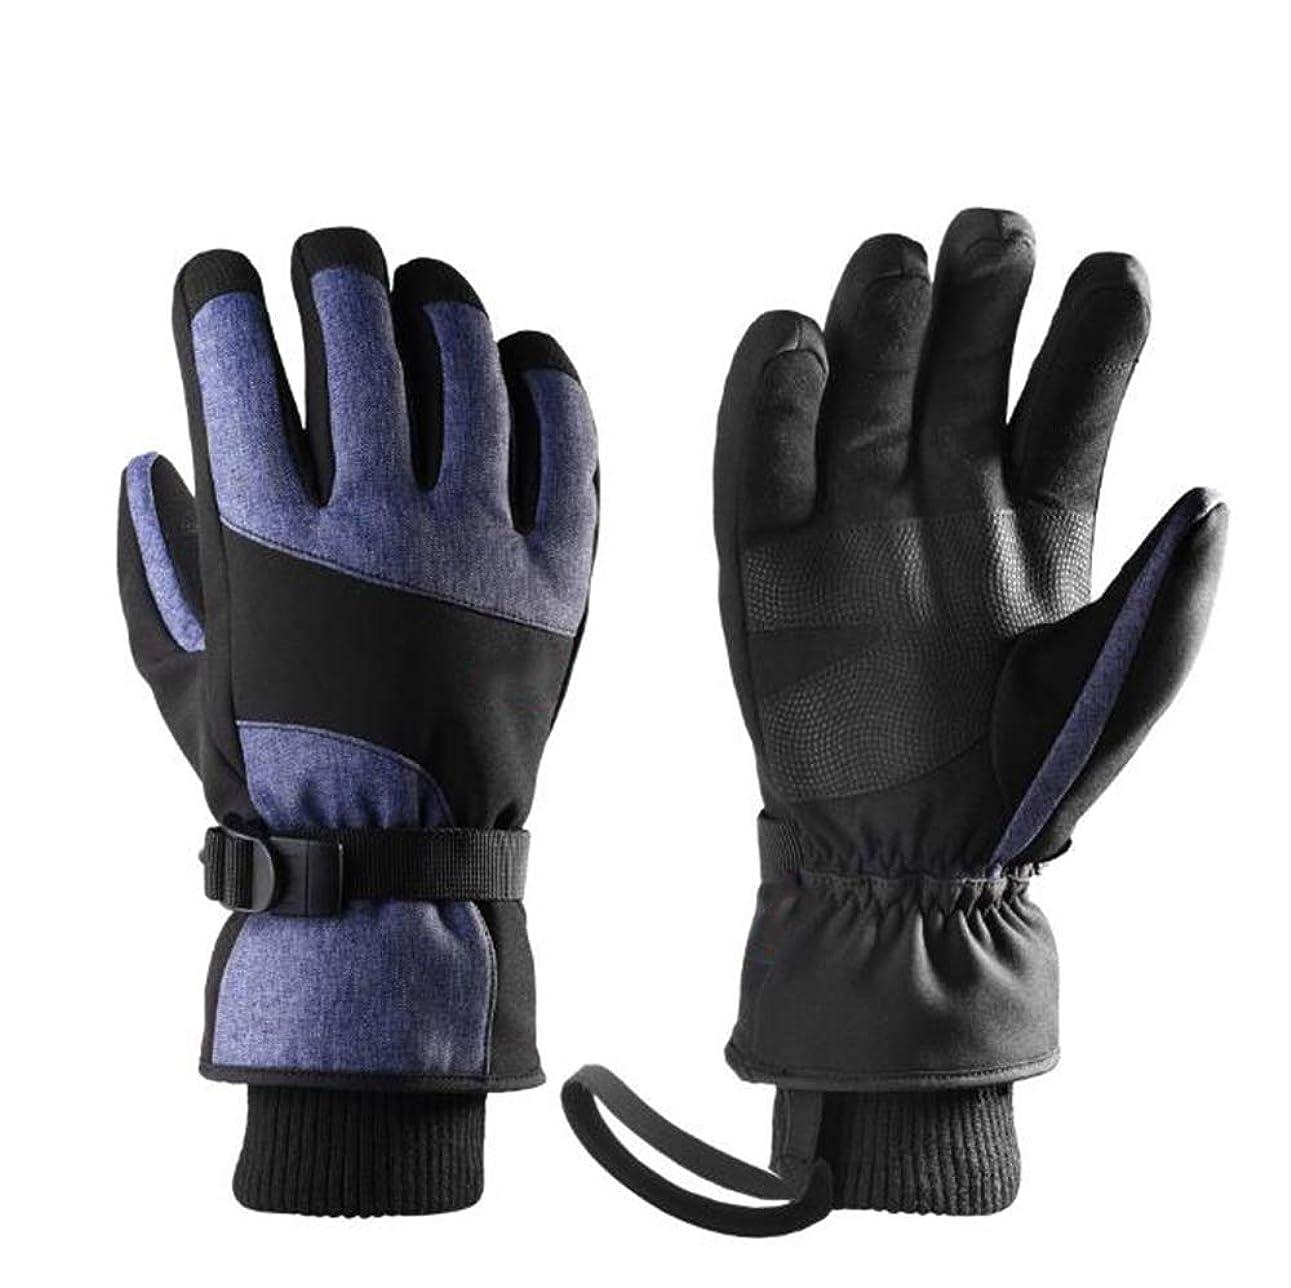 反射甲虫エレクトロニック男性と女性の冬のアウトドアスポーツのための手袋プラスベルベット防風防水すべてハイキング暖かい手袋を指します